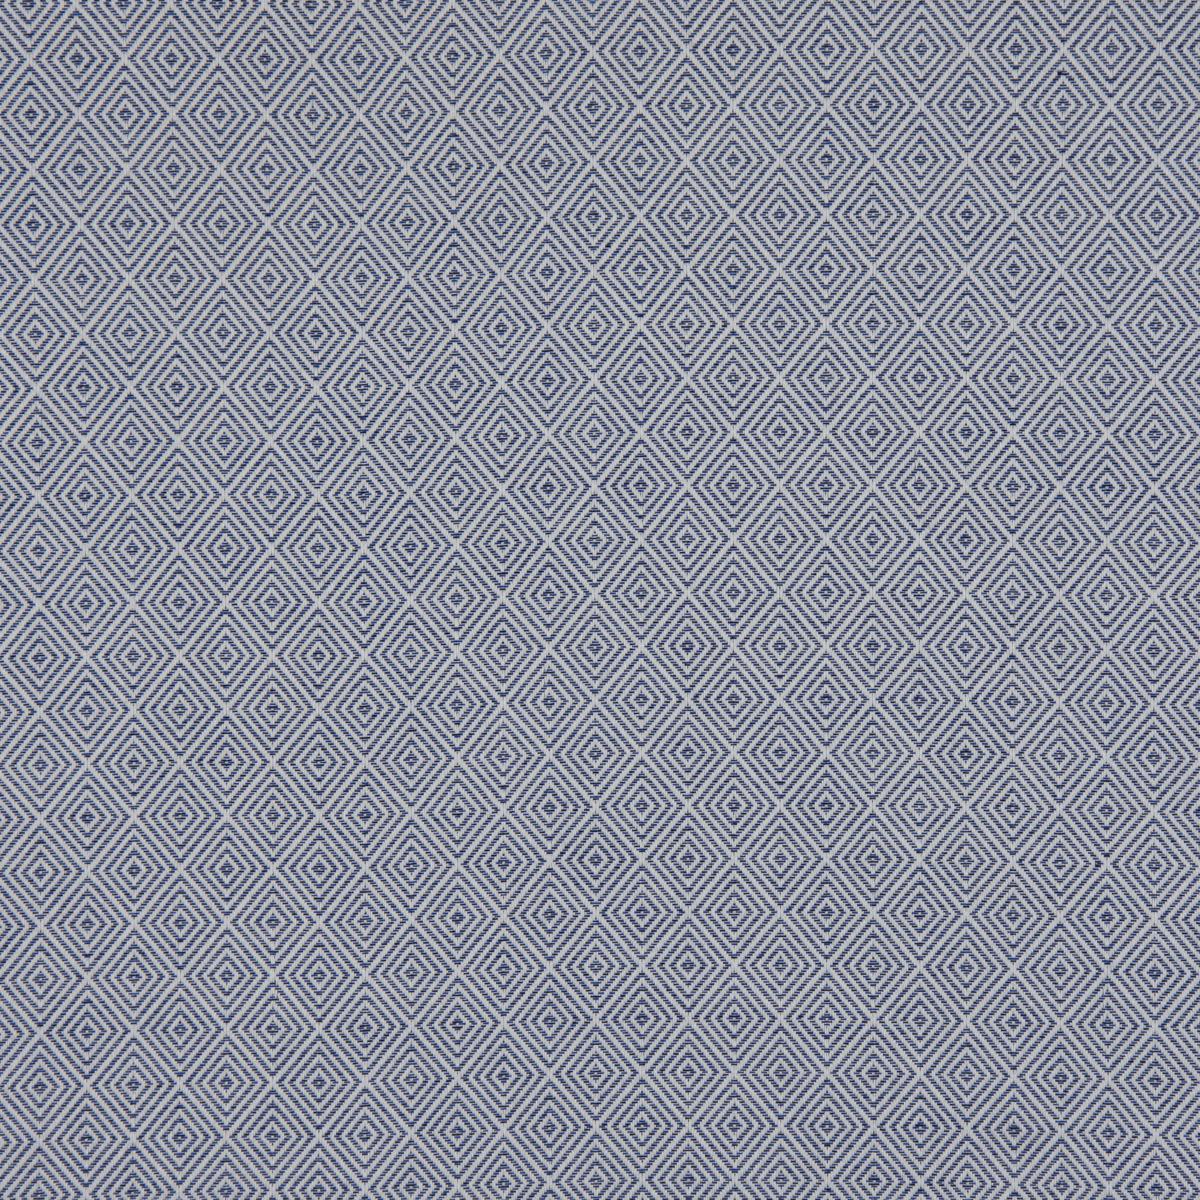 Outdoorstoff Dralon Jacquard Teflonbeschichtung Rauten blau creme 1,40m Breite